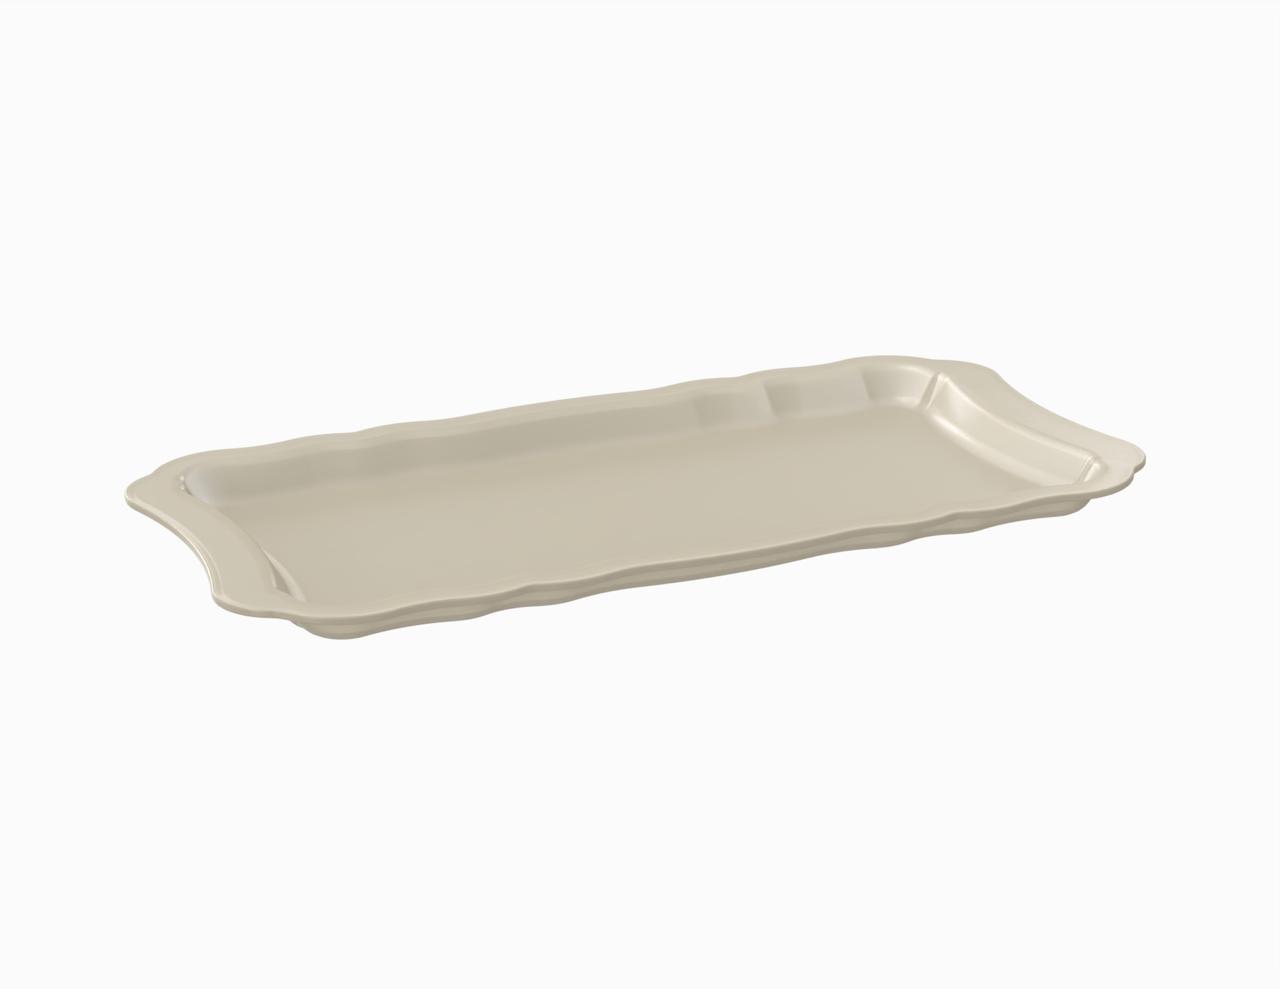 Plateau crème tacheté 315 mm